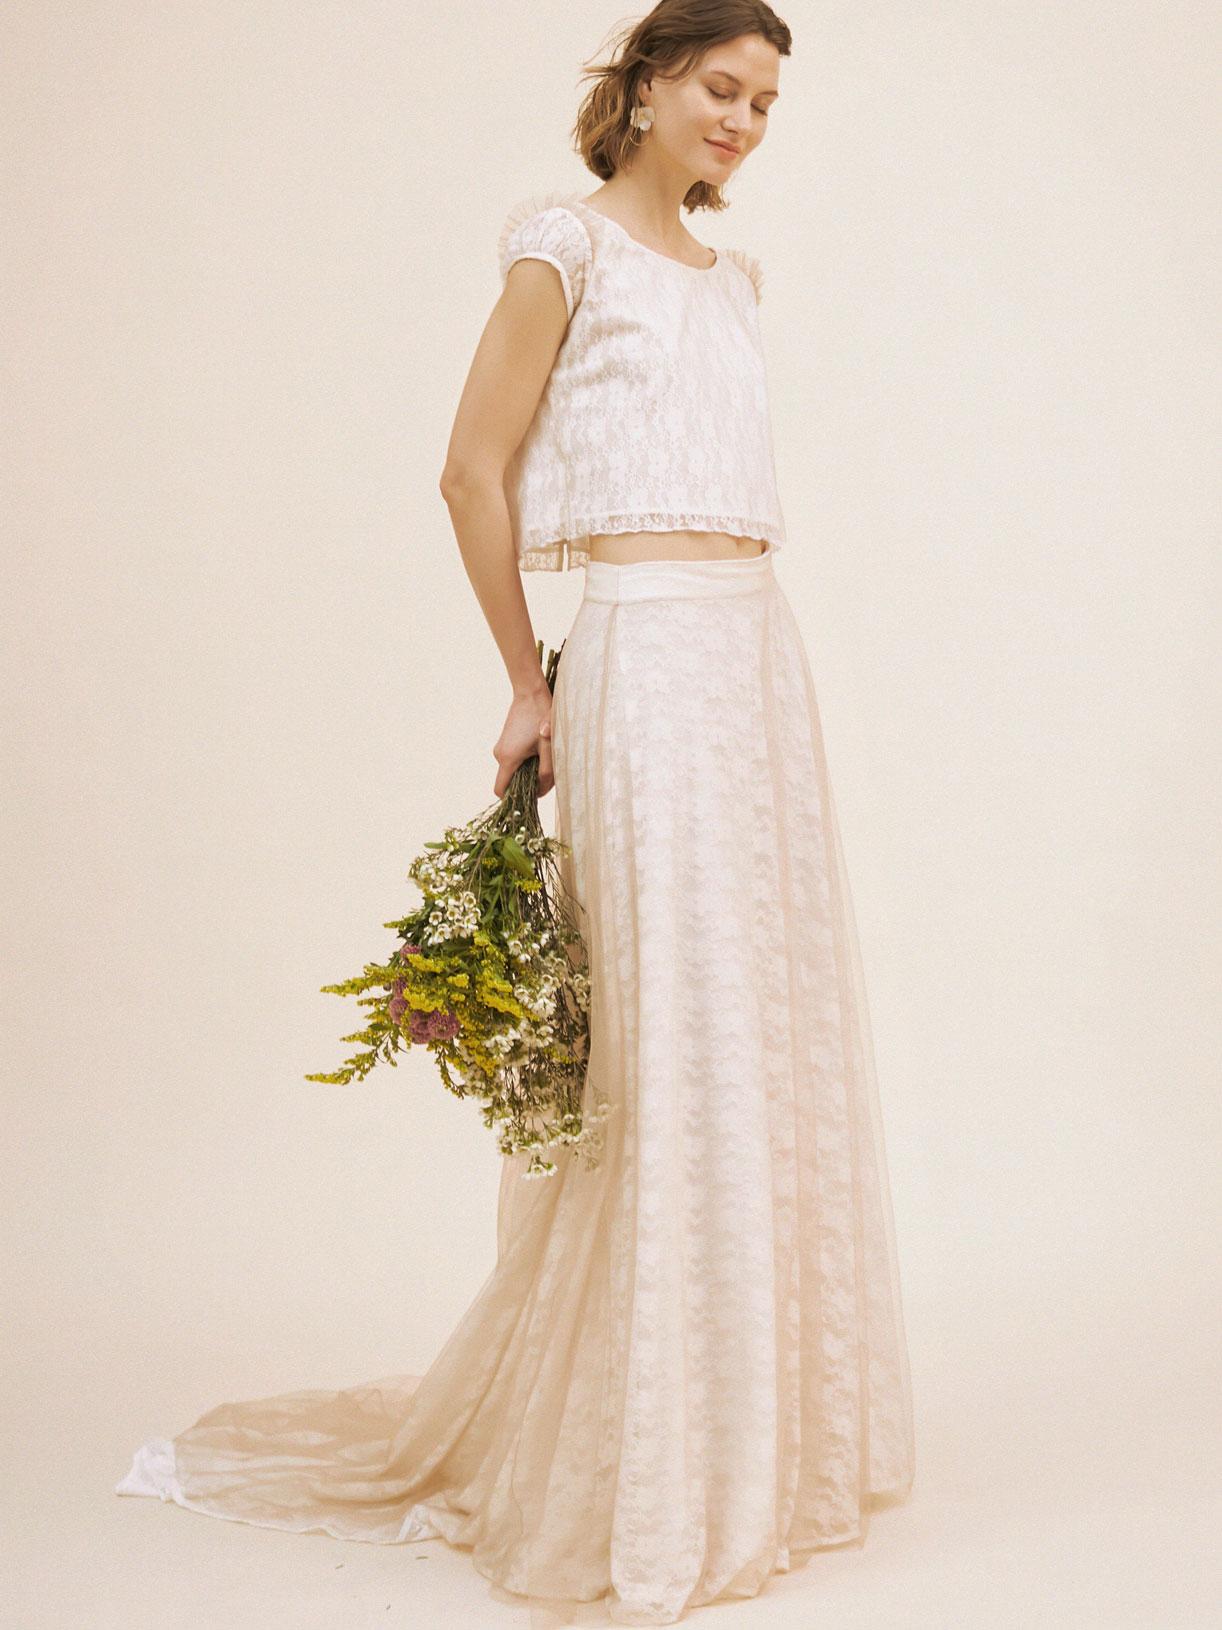 Crop top et jupe de mariée bohème écoresponsable - Creatrice de robe de mariée éthique et bio a Paris - Myphilosophy